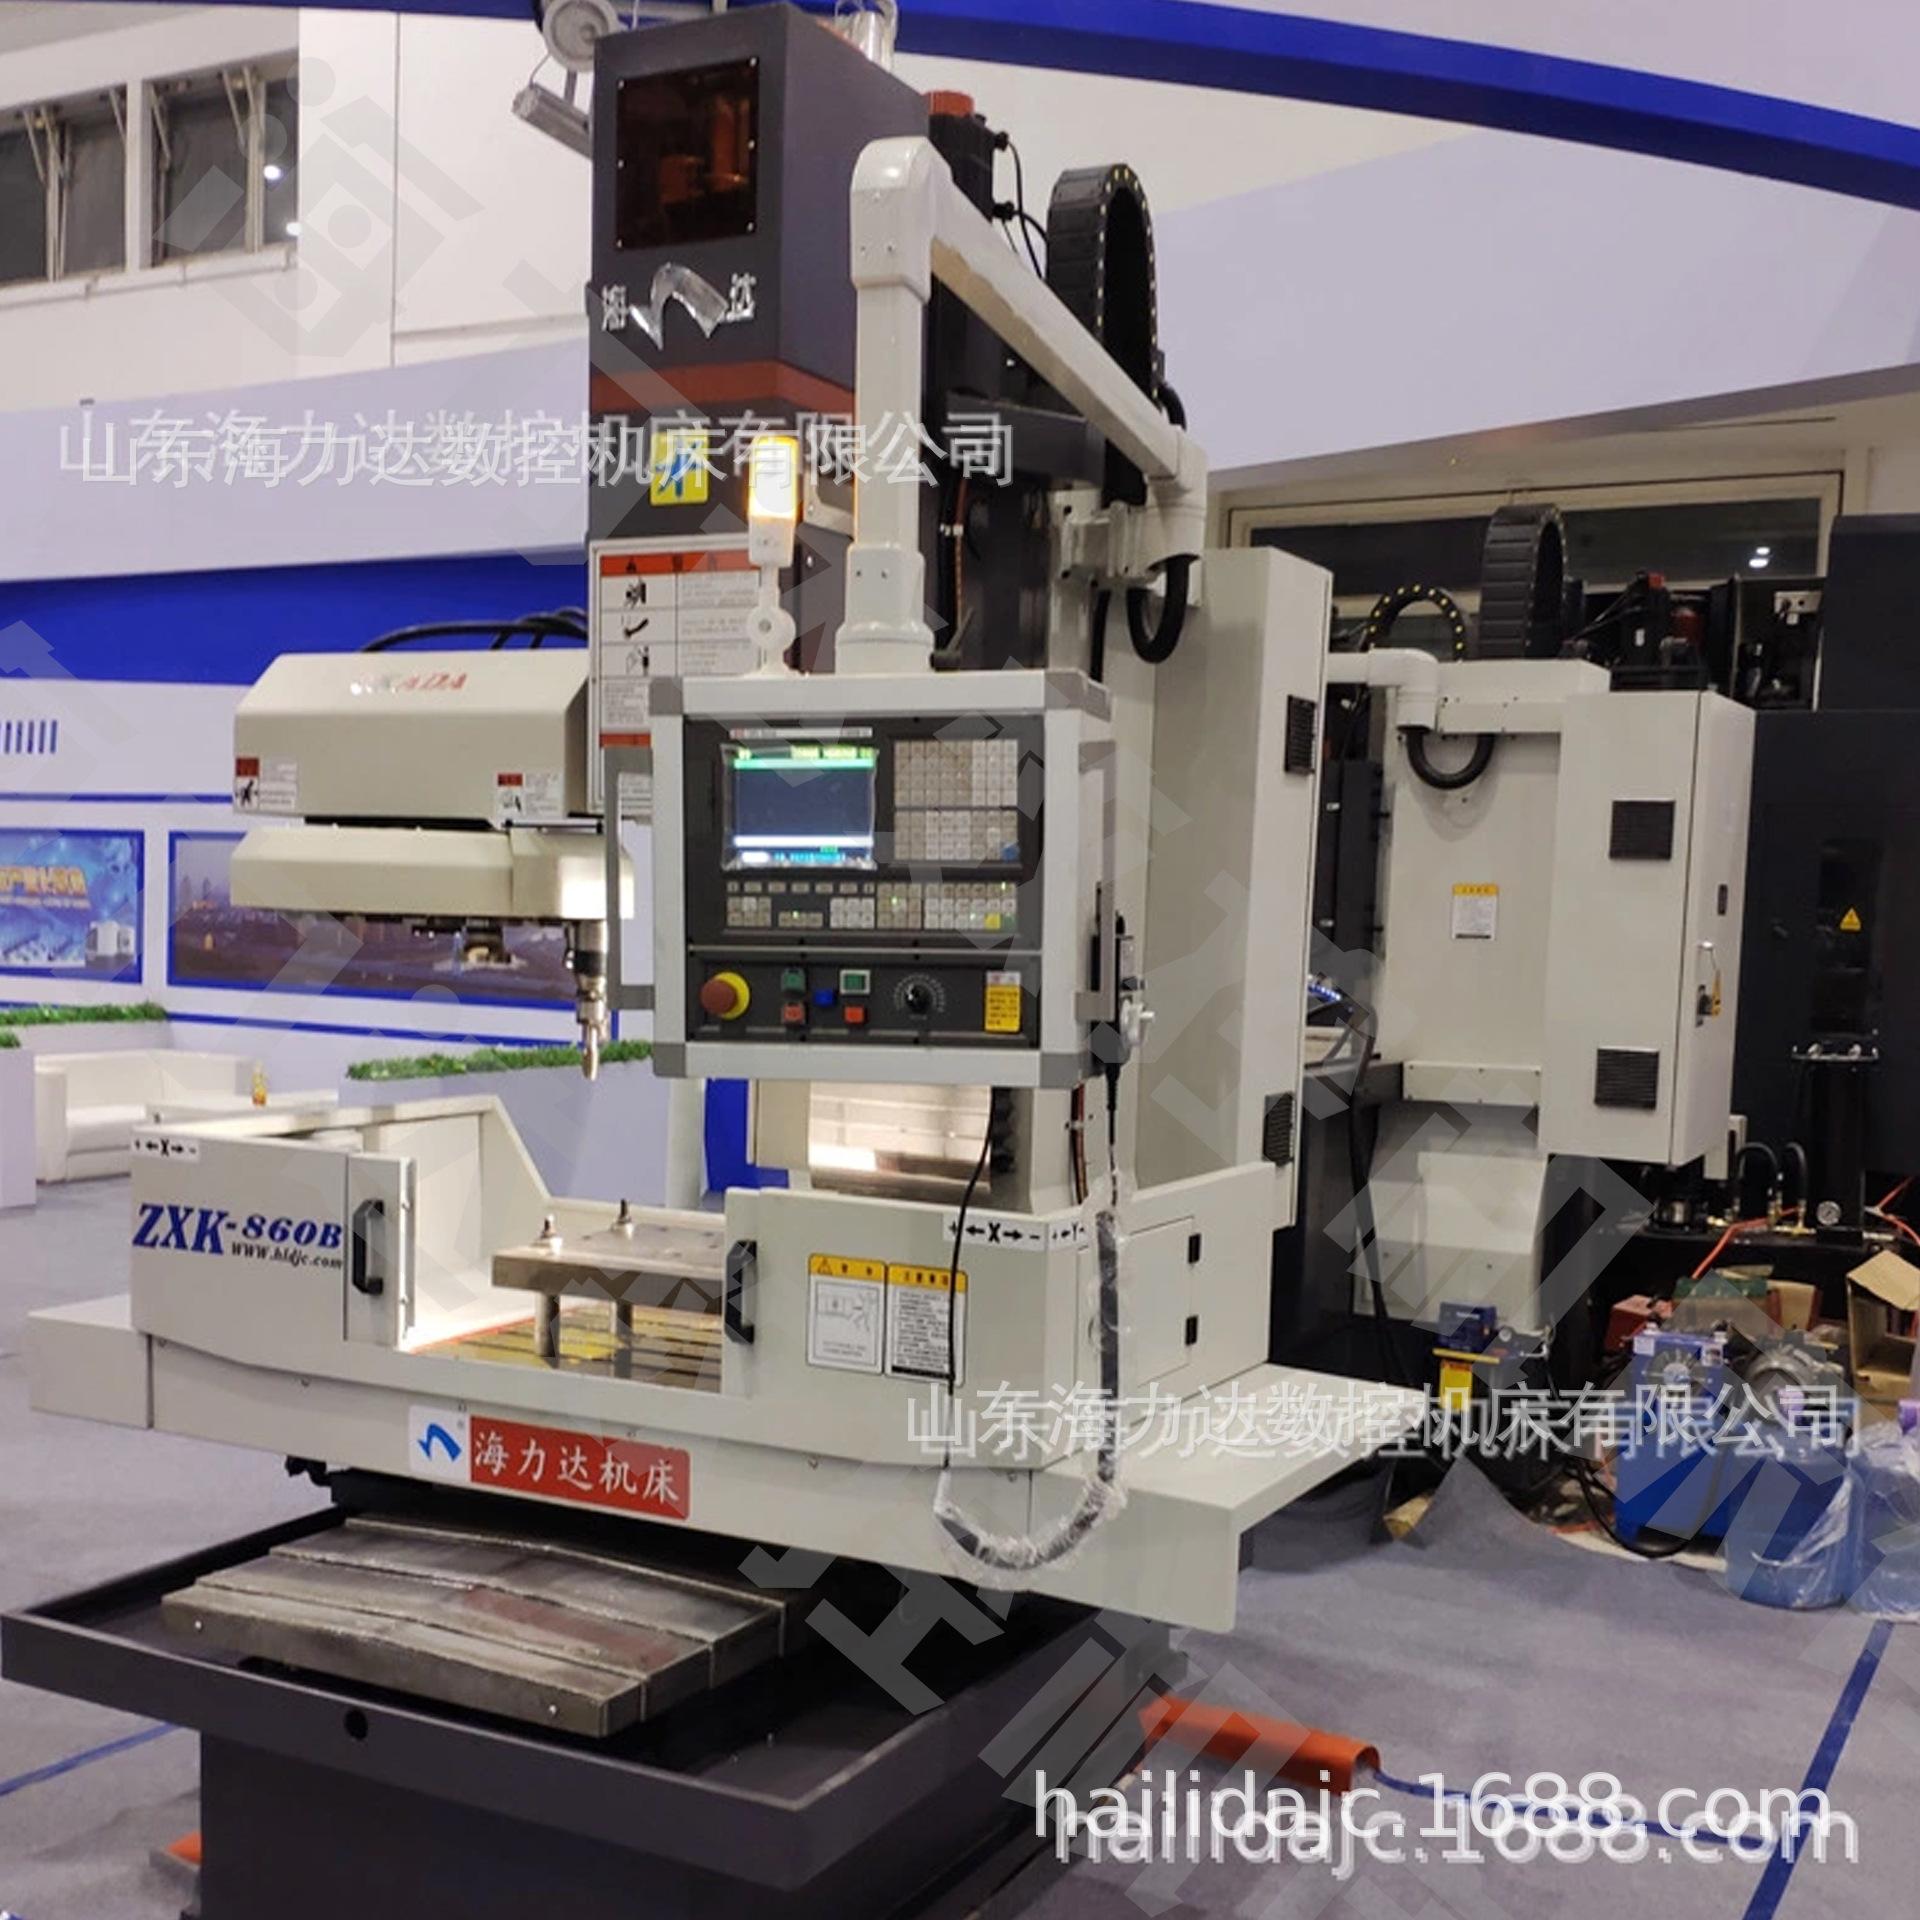 厂家直销 数控钻铣床ZXK-860B 数控钻床 数控钻铣中心 现货示例图4